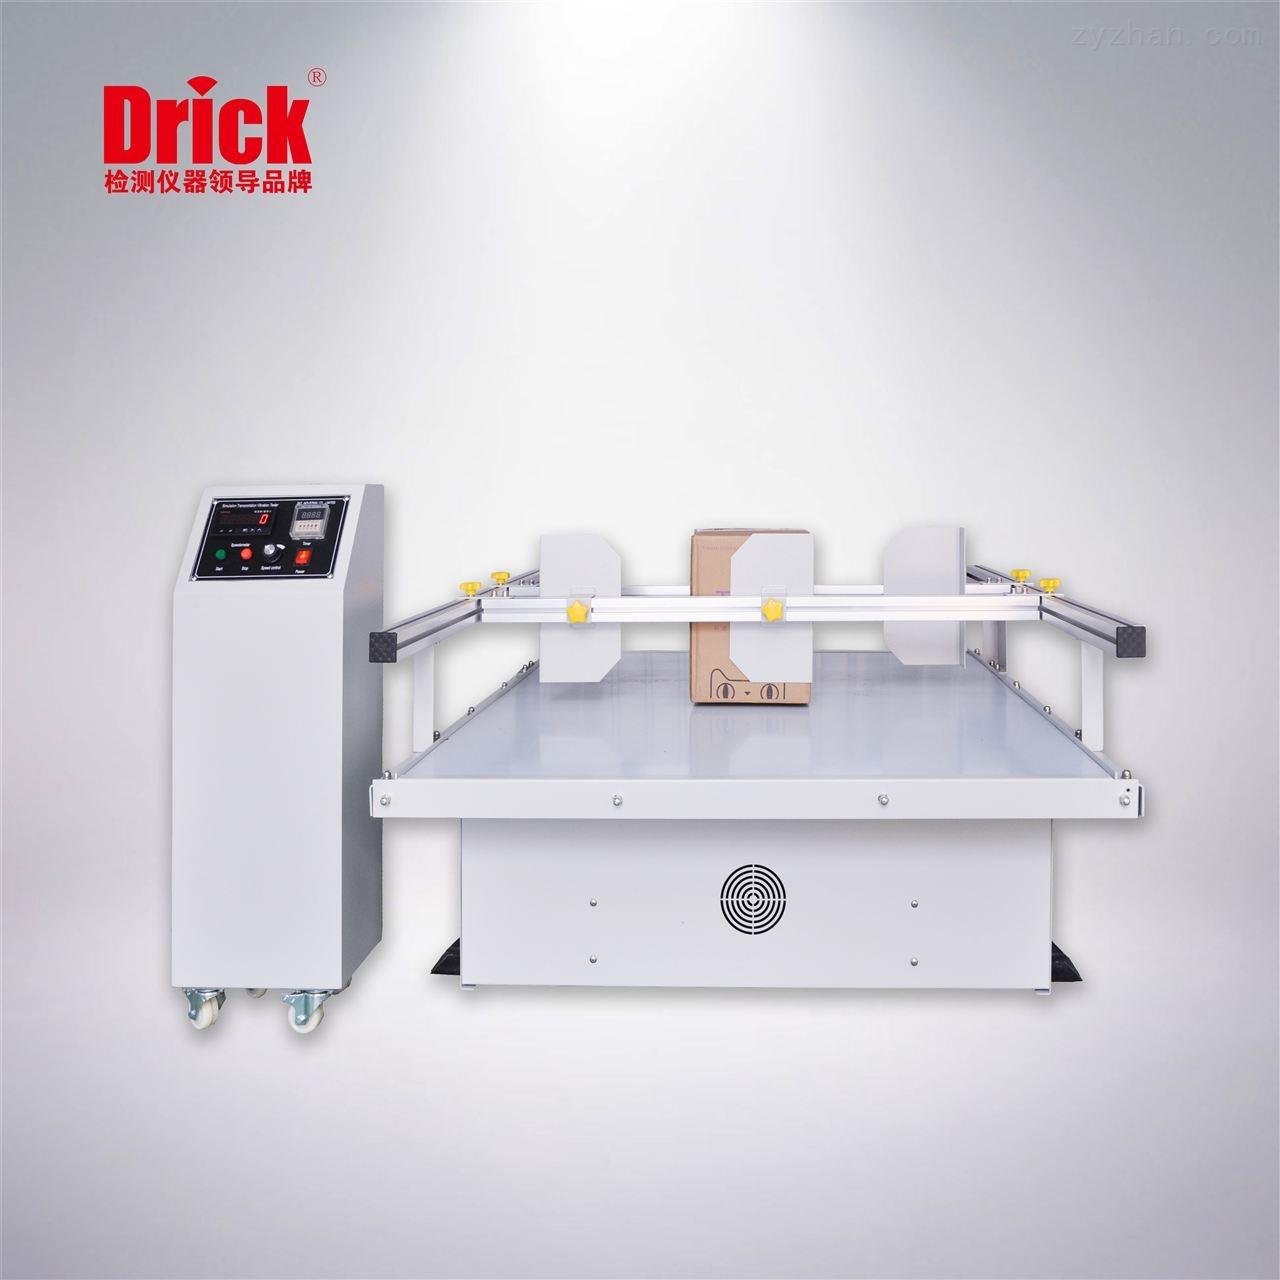 DRK100-模擬運輸振動臺